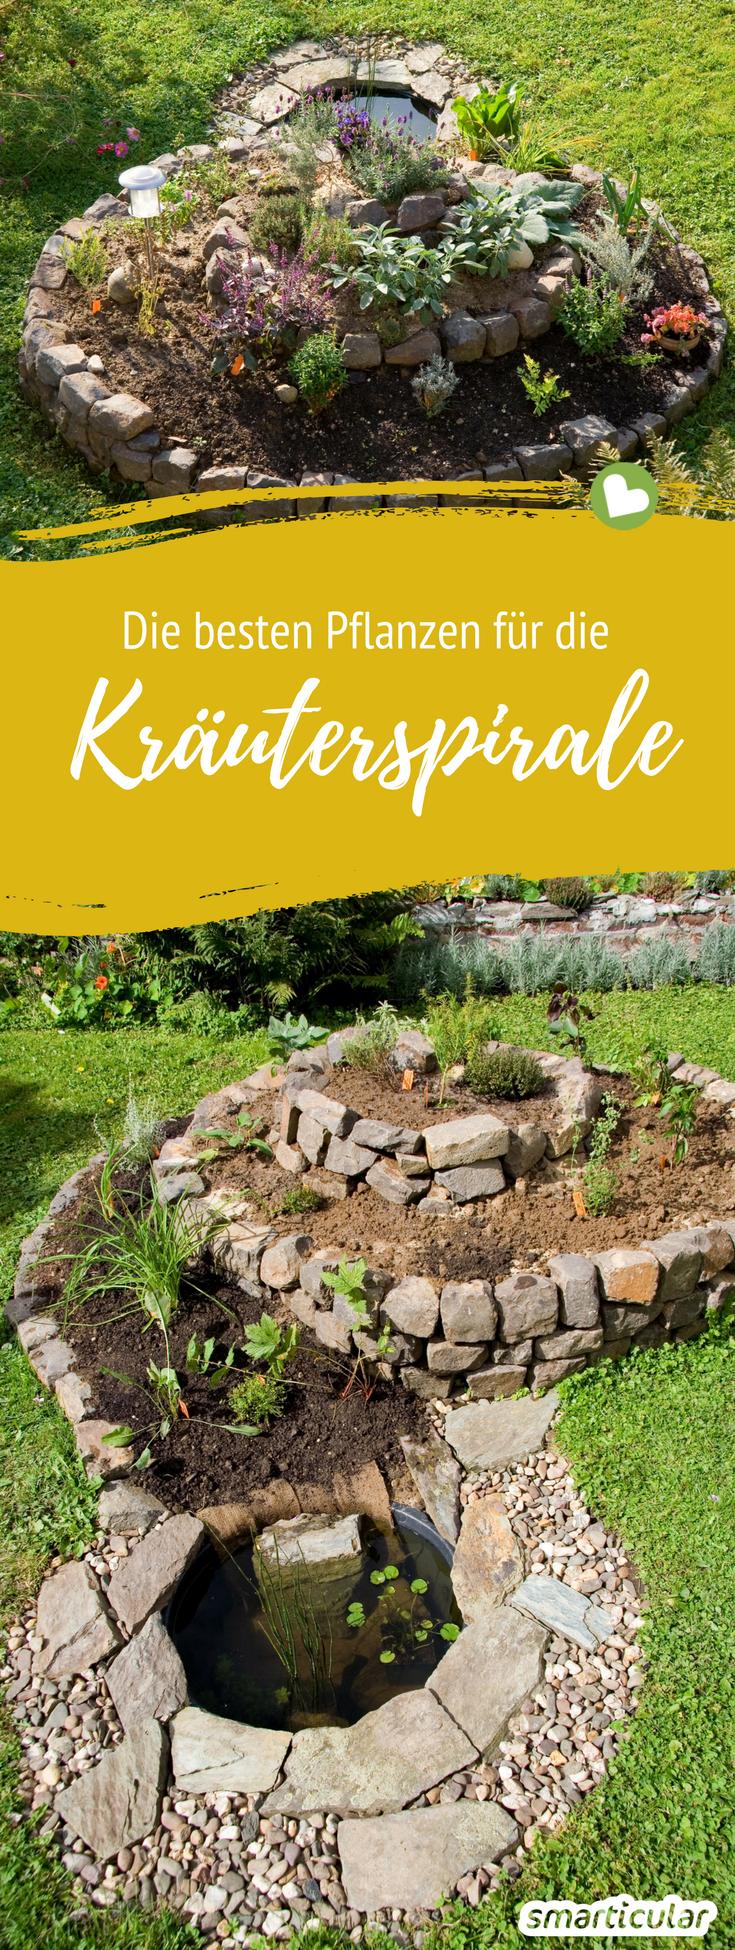 Immer frische Kräuter: Kräuterspirale richtig anlegen und bepflanzen #kräutergartendesign